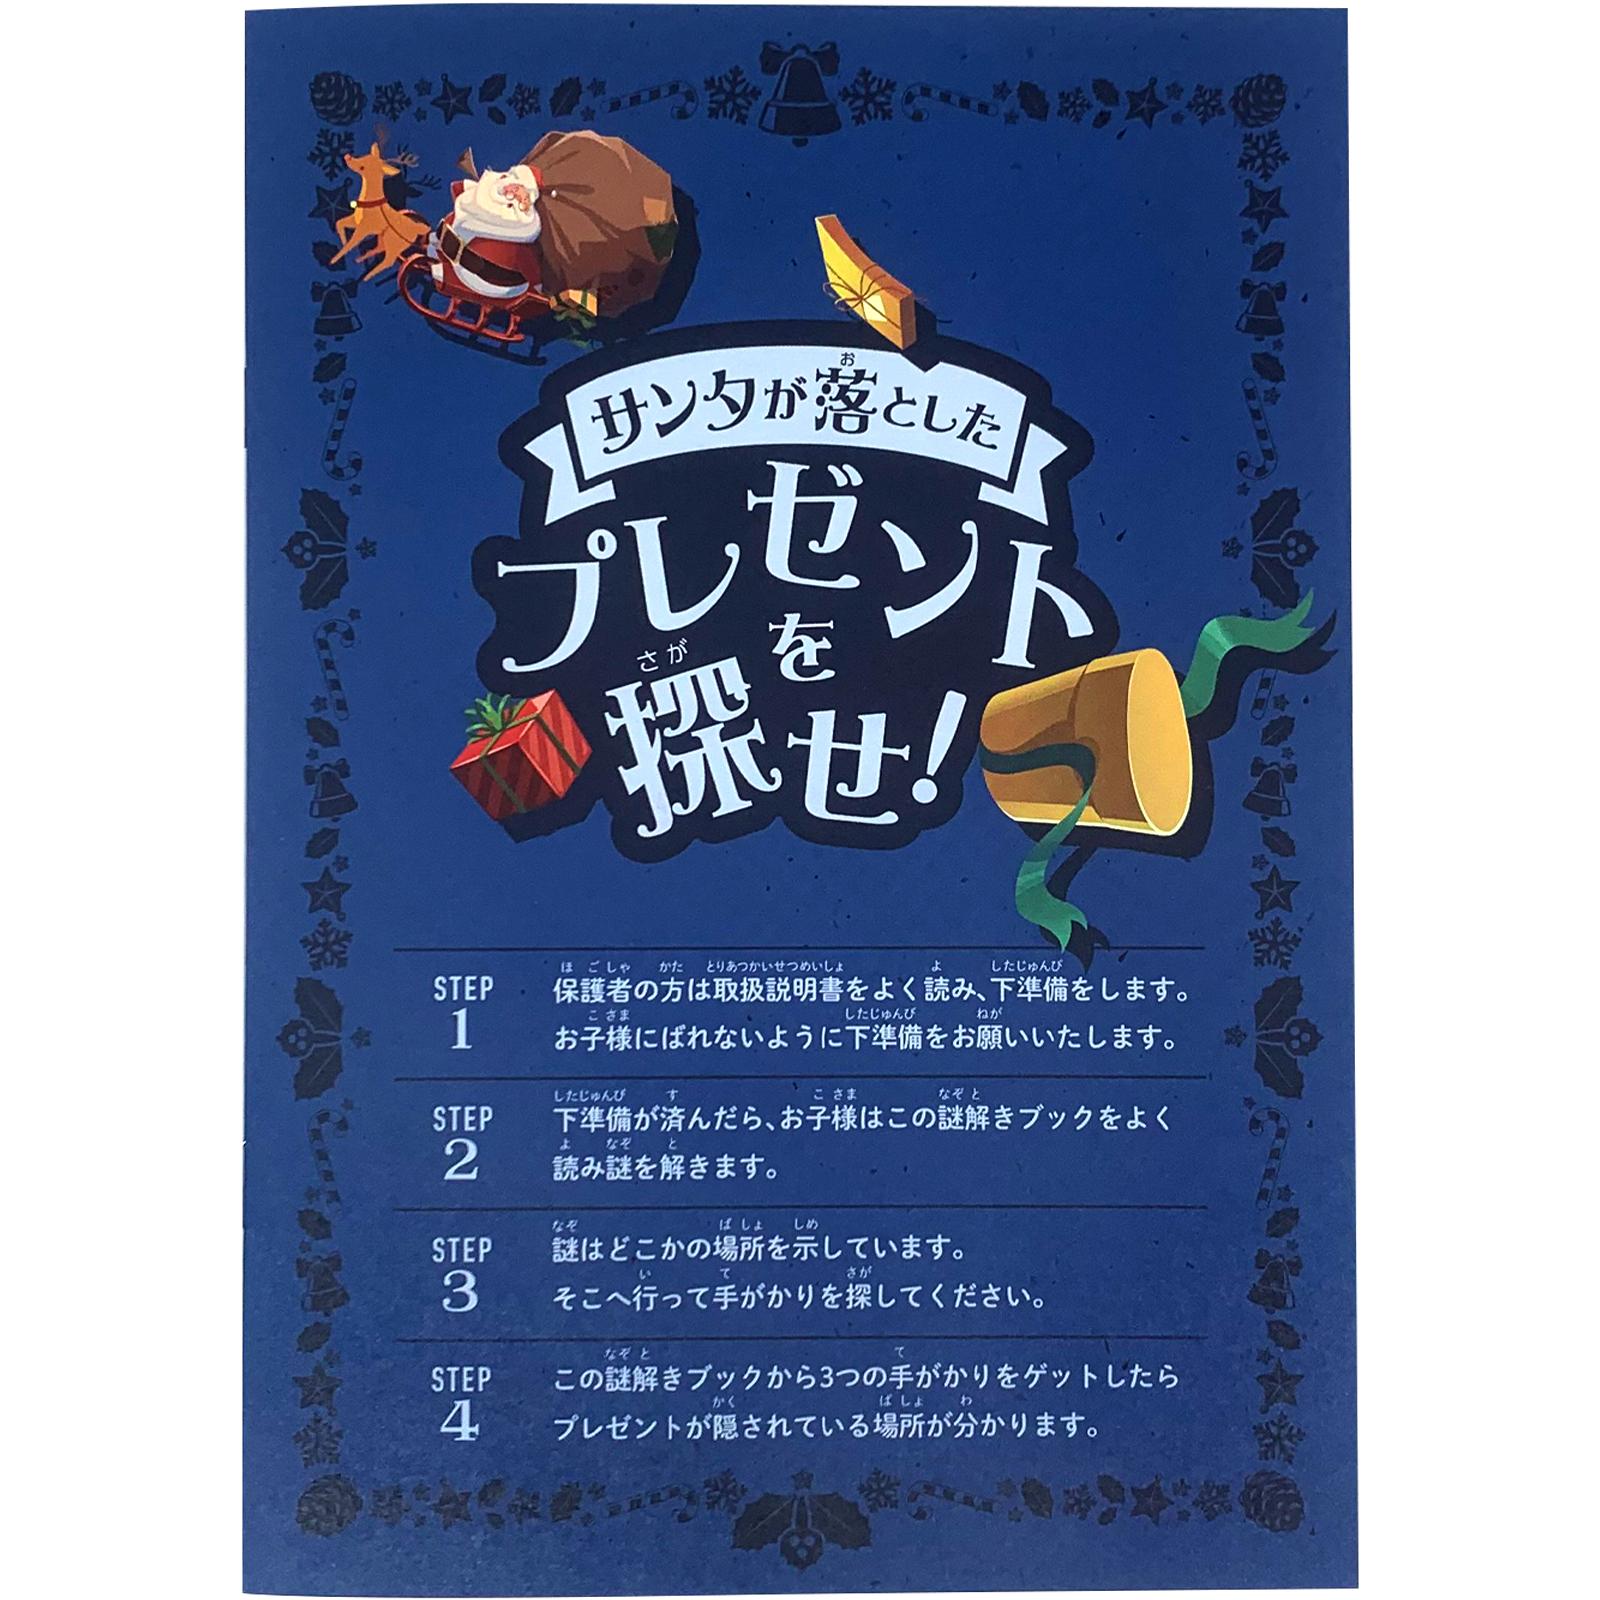 クリスマスプレゼントを渡す前に遊べるゲーム 正規店 謎解きゲーム サンタが落としたプレゼントを探せ ブルーコース 送料無料 ギフ_包装 クリスマスゲーム 謎解き おうち時間の決定版 クリスマス用謎解きゲーム サンタクロース